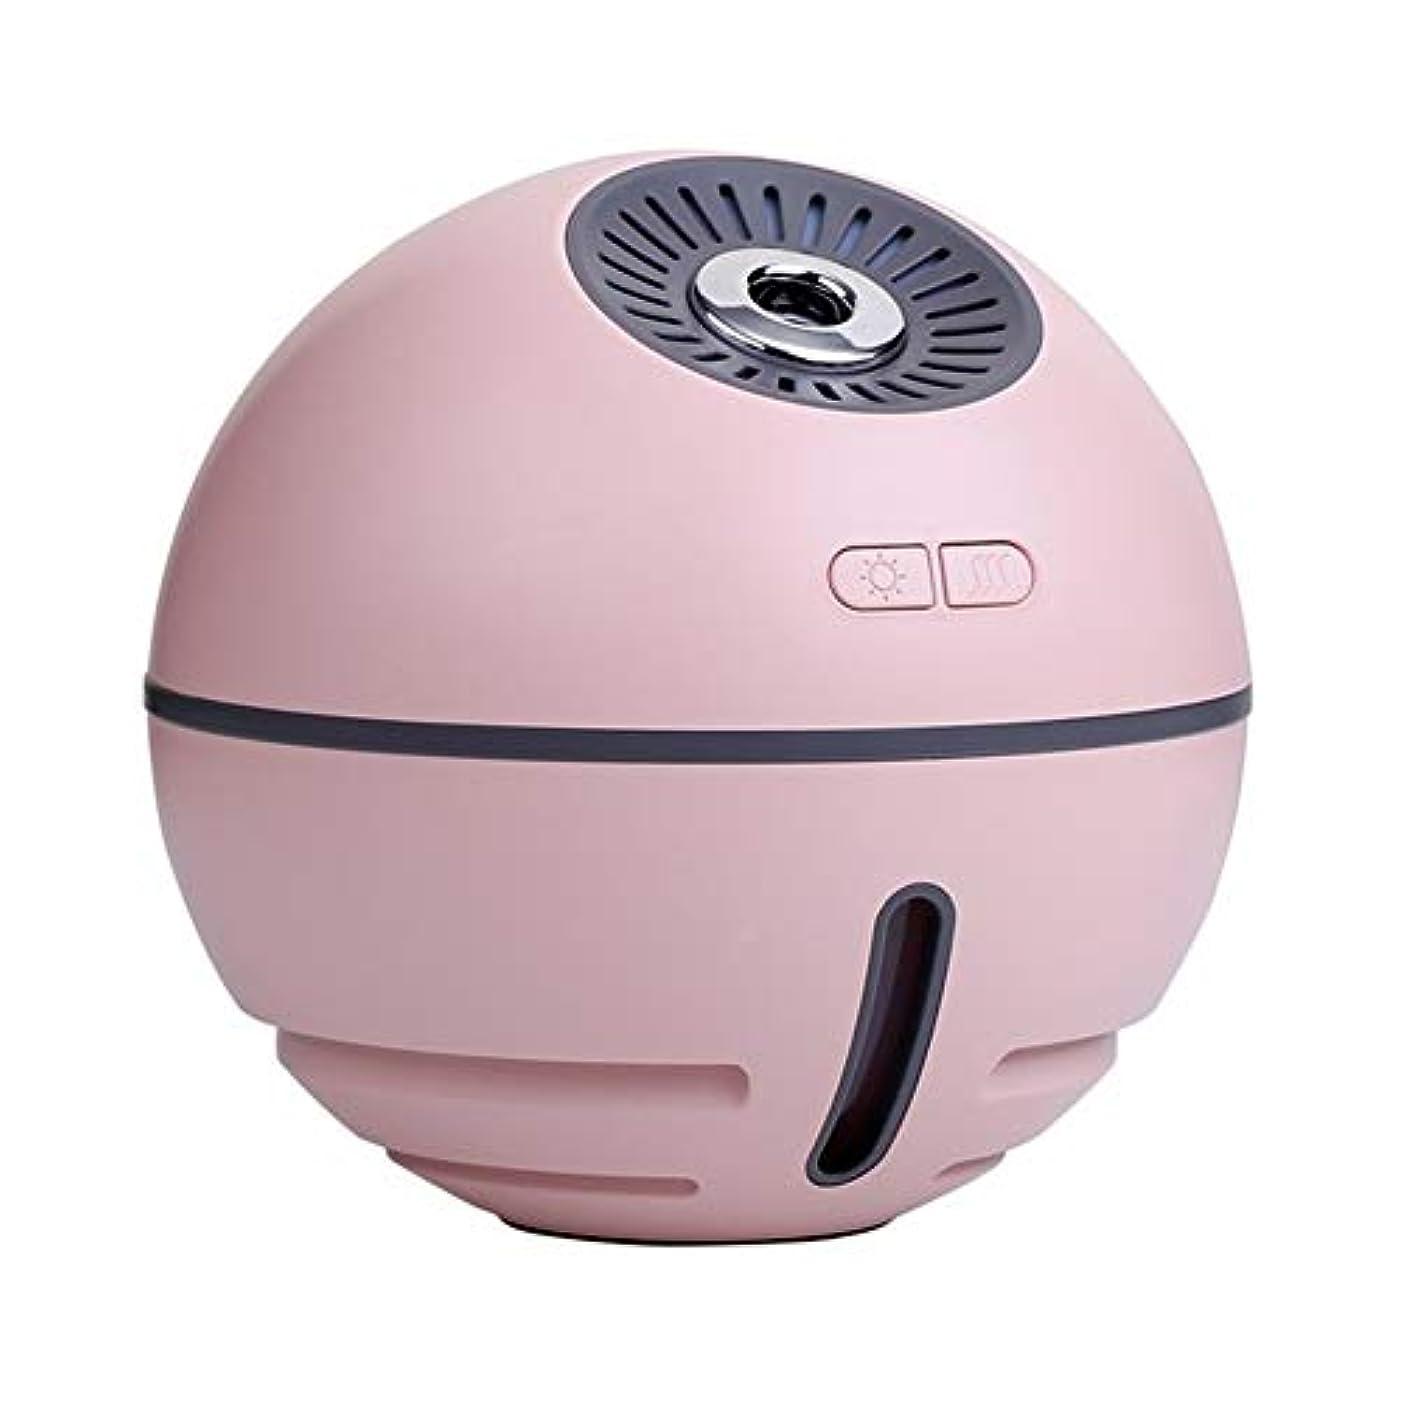 財団汚染するランタン空気加湿器で4inch充電式2000mA内蔵リチウム電池ミニアロマ加湿器ディフューザー,Pink